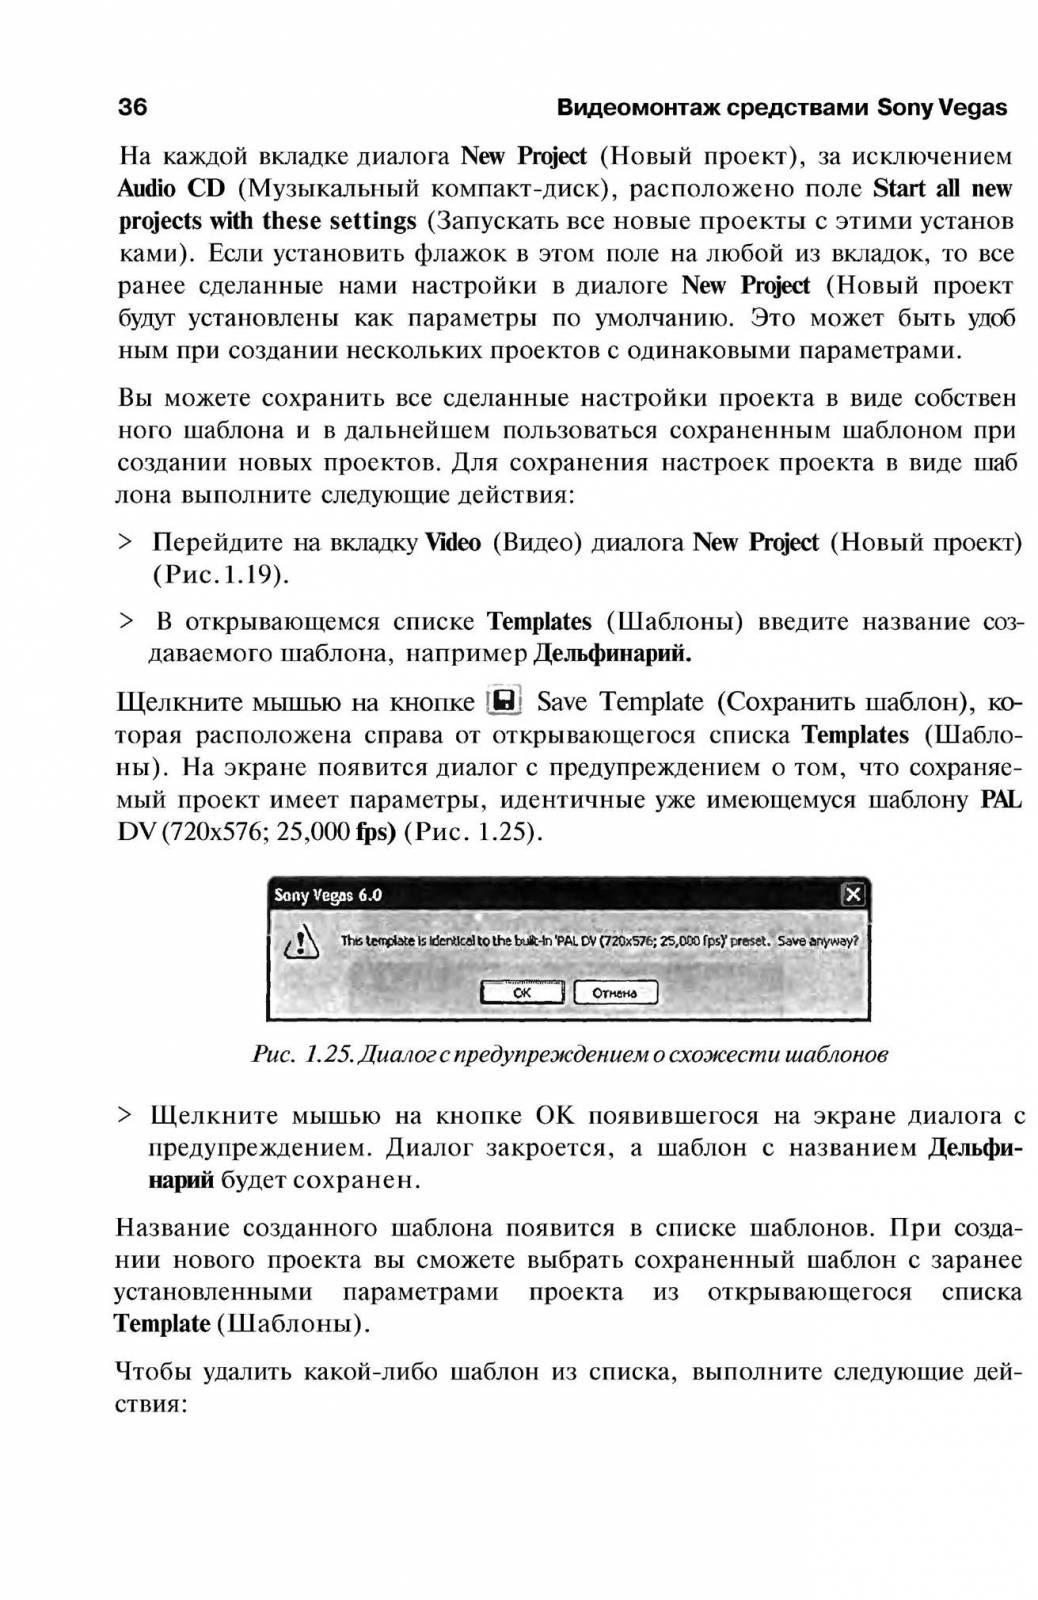 http://redaktori-uroki.3dn.ru/_ph/13/845942488.jpg